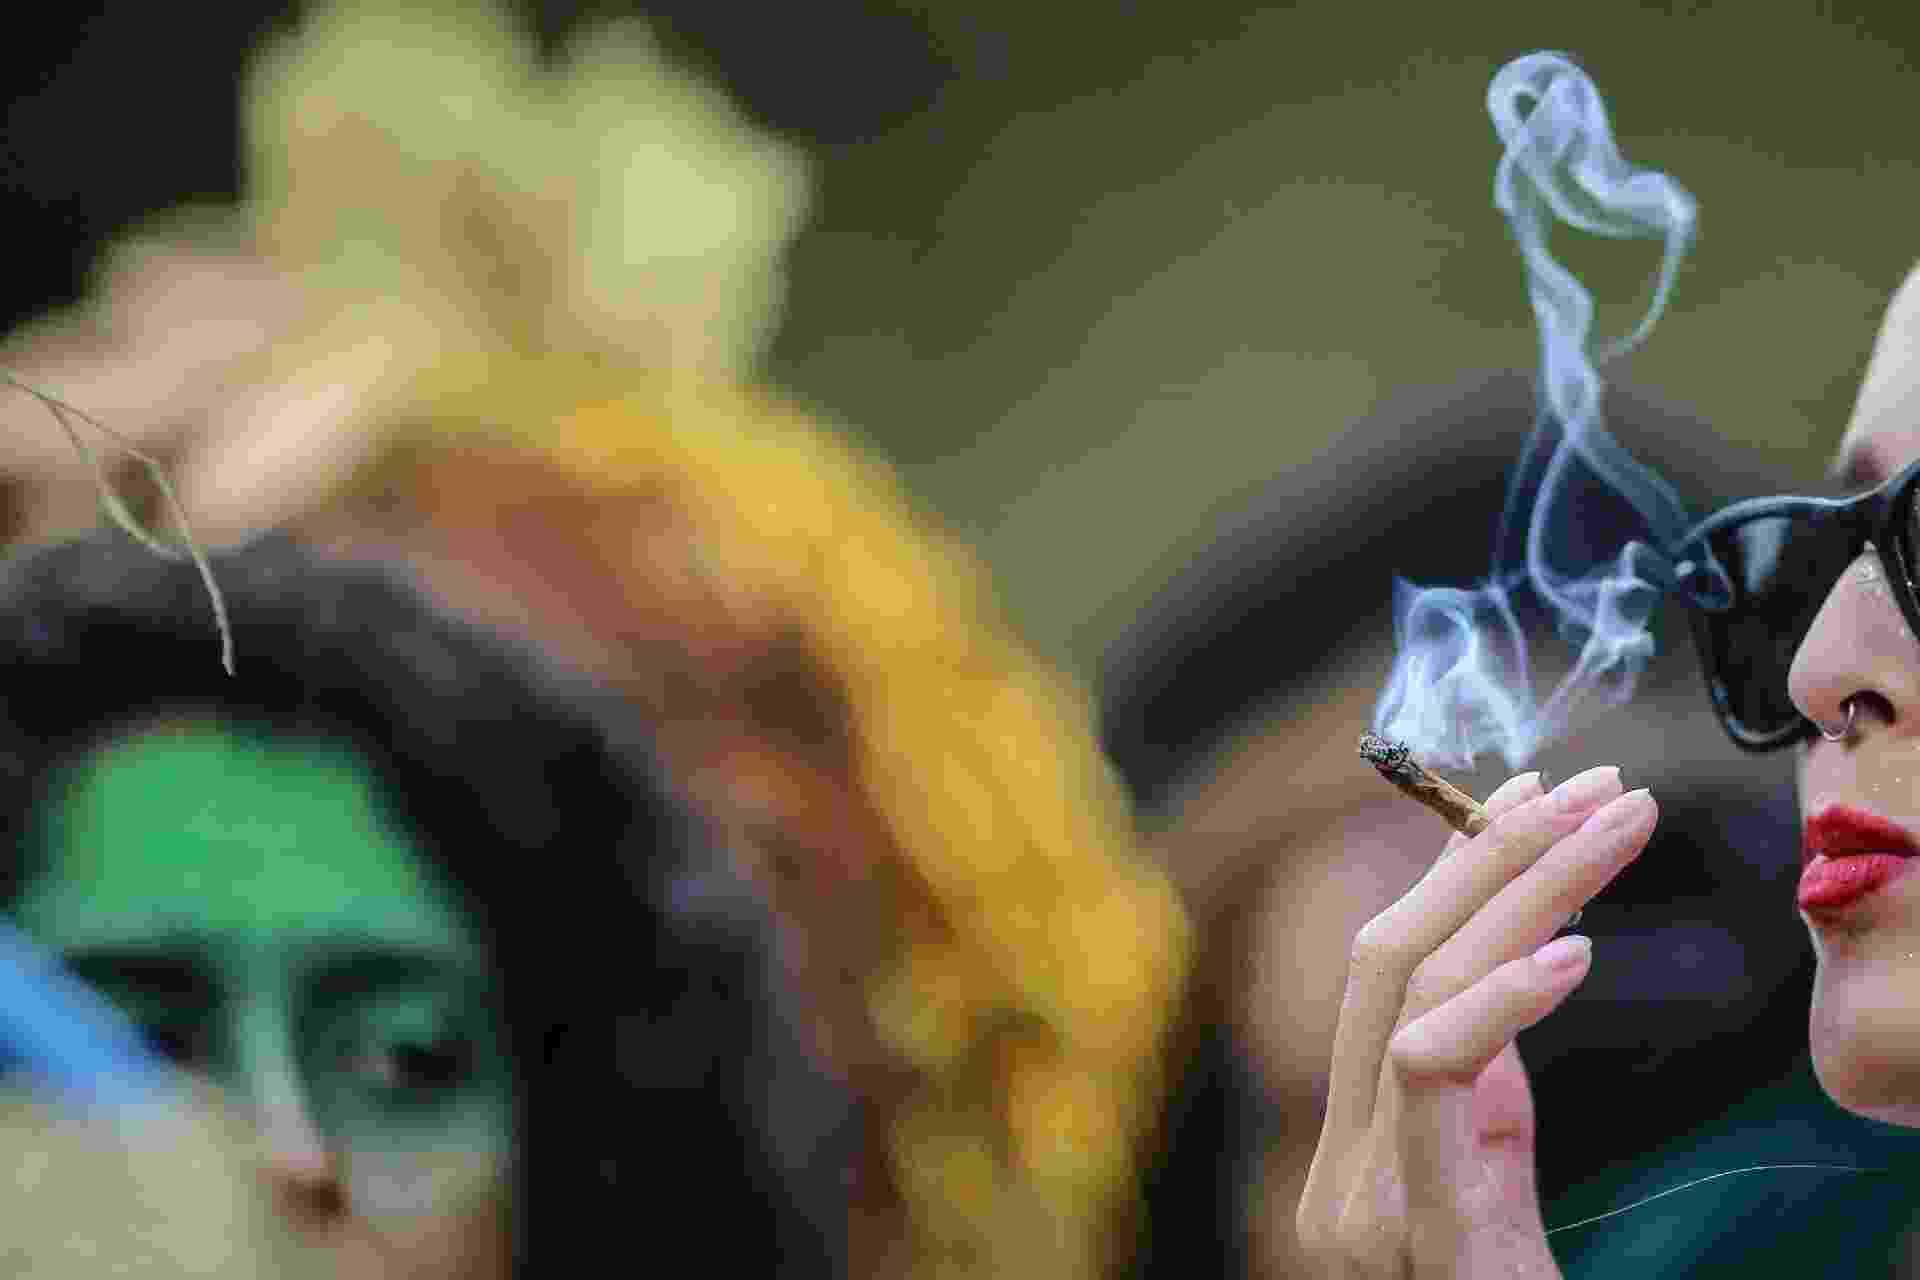 """Carnaval canábico: """"Bloco do Manjericão"""" anima último dia de Carnaval em BH - CRISTIANE MATTOS/FUTURA PRESS/ESTADÃO CONTEÚDO"""